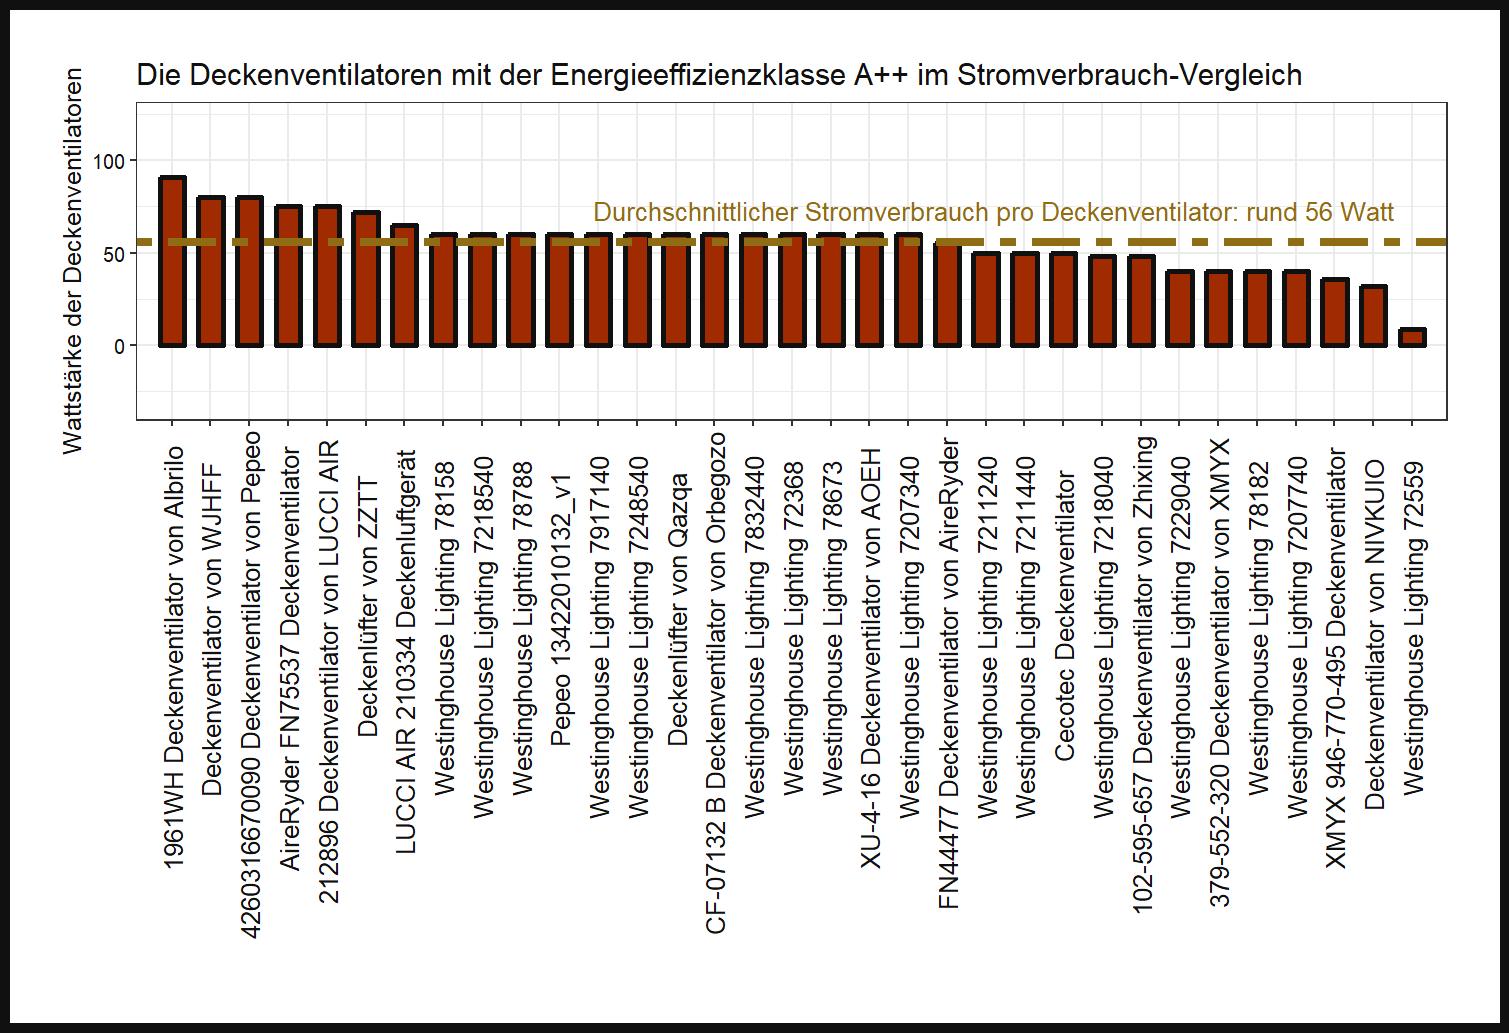 großer Stromstärke-Vergleich Deckenventilator Energieeffizienzklasse